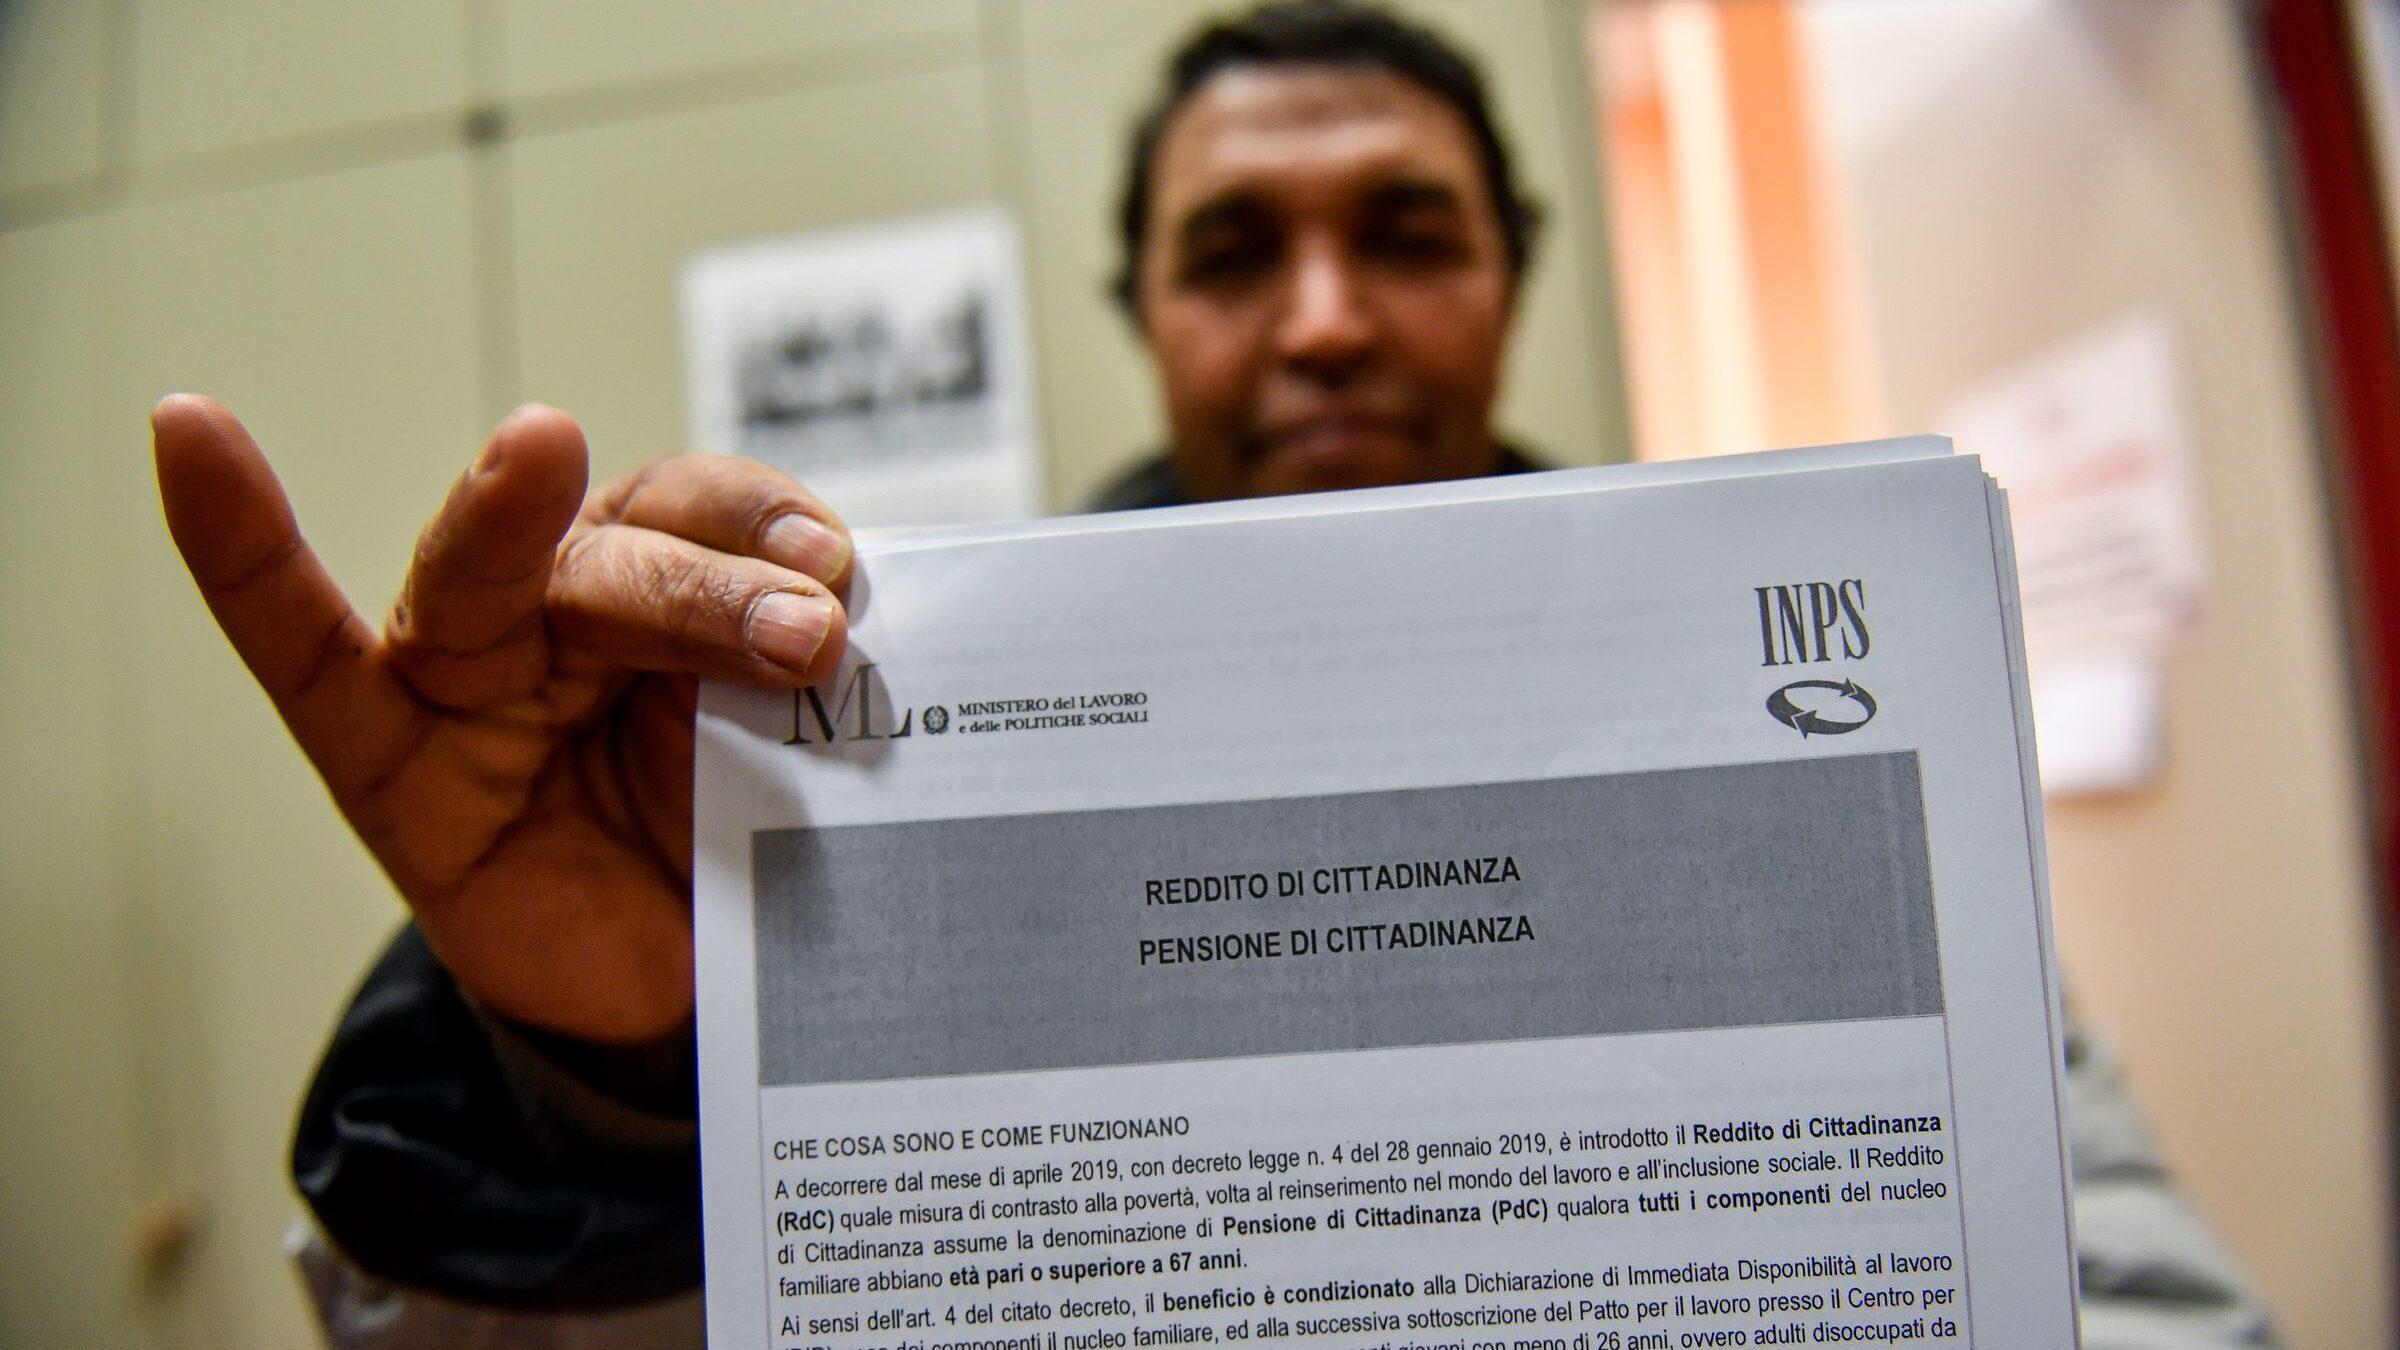 Inps: 3 milioni le persone che beneficiano del reddito di cittadinanza, 25% in più rispetto a gennaio. Importo medio di 563 euro